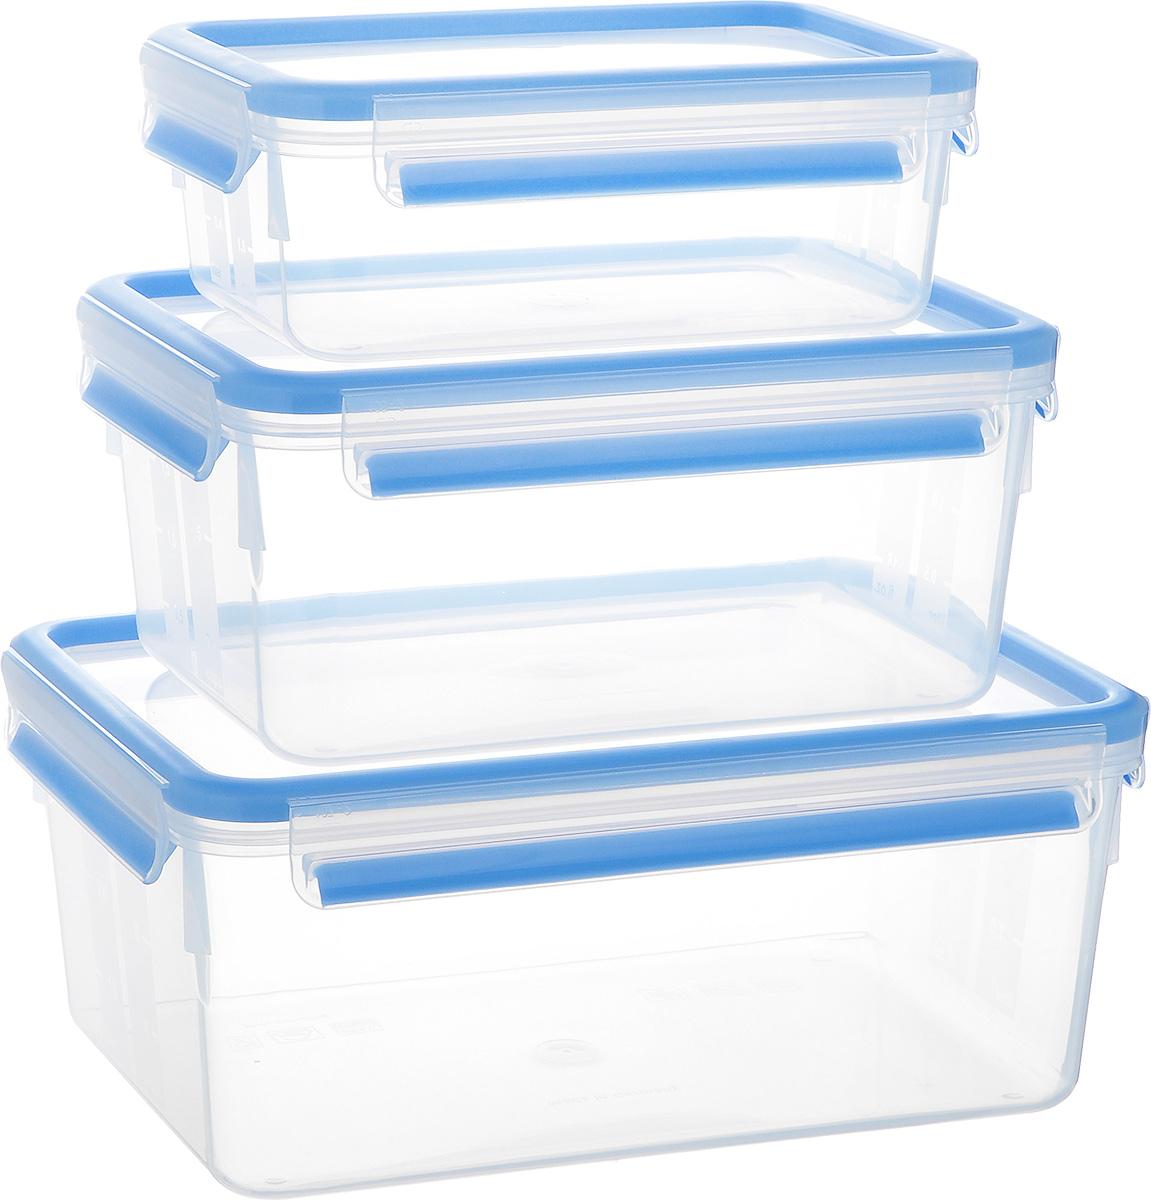 Набор контейнеров Emsa Clip&Close, 3 шт. 508567SC-FD421005Набор Emsa Clip&Close состоит из трех контейнеров разного объема, изготовленных из высококачественного пищевого пластика, который выдерживает температуру от -40°С до +110°С, не впитывает запахи и не изменяет цвет. Это абсолютно гигиеничный продукт, который подходит для хранения даже детского питания. Изделия снабжены крышками, плотно закрывающимися на 4 защелки. Герметичность достигается за счет специальных силиконовых прослоек, которые позволяют использовать контейнер для хранения не только пищи, но и напитков. В таком контейнере продукты долгое время сохраняют свою свежесть. Прозрачные стенки позволяют просматривать содержимое. Сбоку имеются отметки литража. Изделия подходят для домашнего использования, для пикников, поездок, такие контейнеры удобно брать с собой на работу или учебу. Можно использовать в СВЧ-печах, холодильниках, посудомоечных машинах, морозильных камерах. Объем контейнеров: 1 л, 2,3 л, 3,7 л. Размер контейнеров: 19 см х 13 см х 7 см; 22 см х 16 см х 10 см; 26 см х 19 см х 11 см.